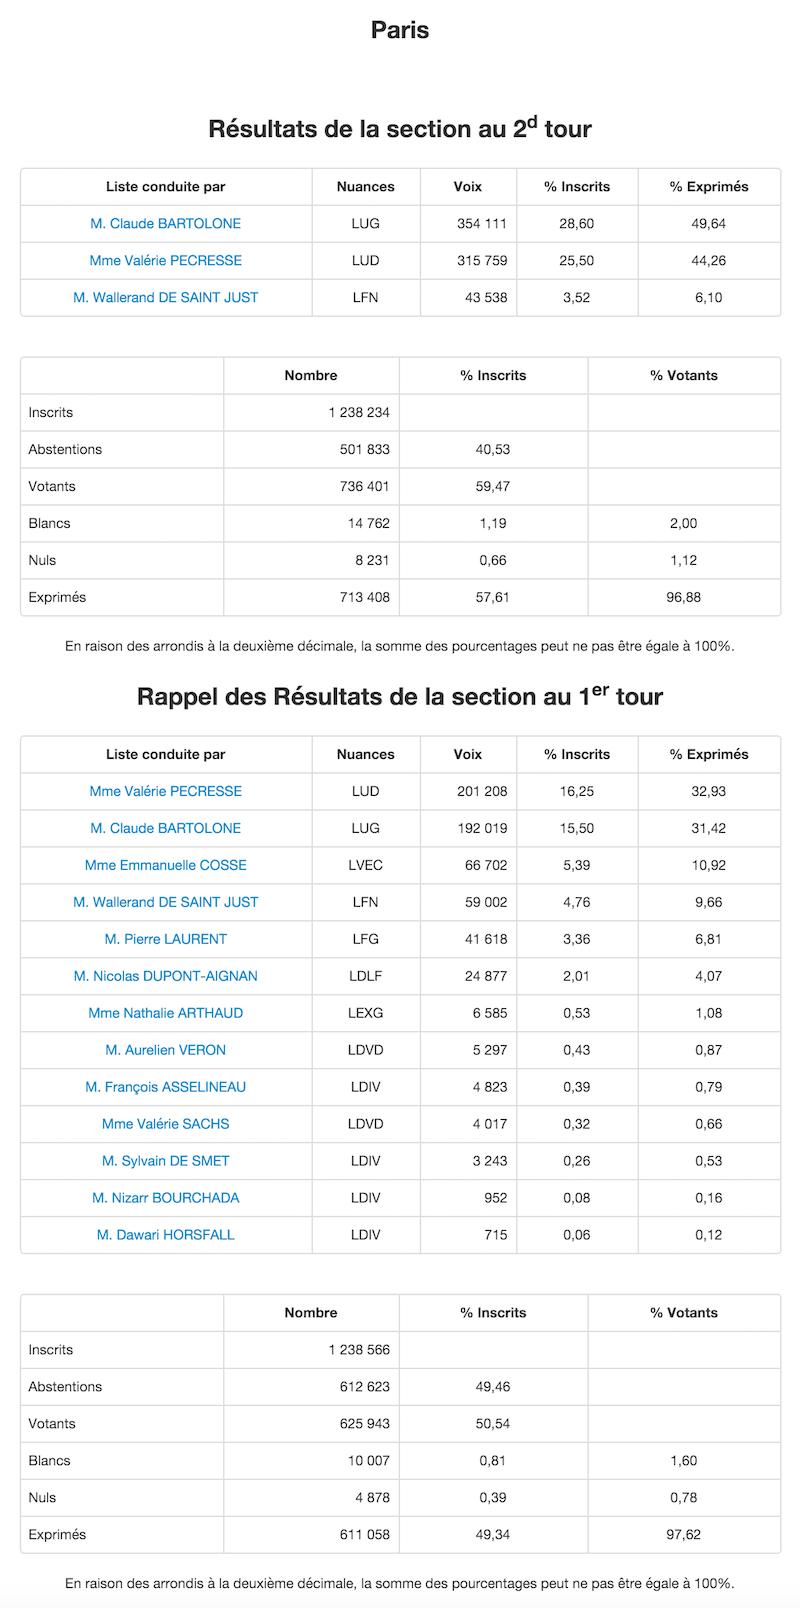 Régionales 2015 et 2010 dans le 11e arrondissement de Paris